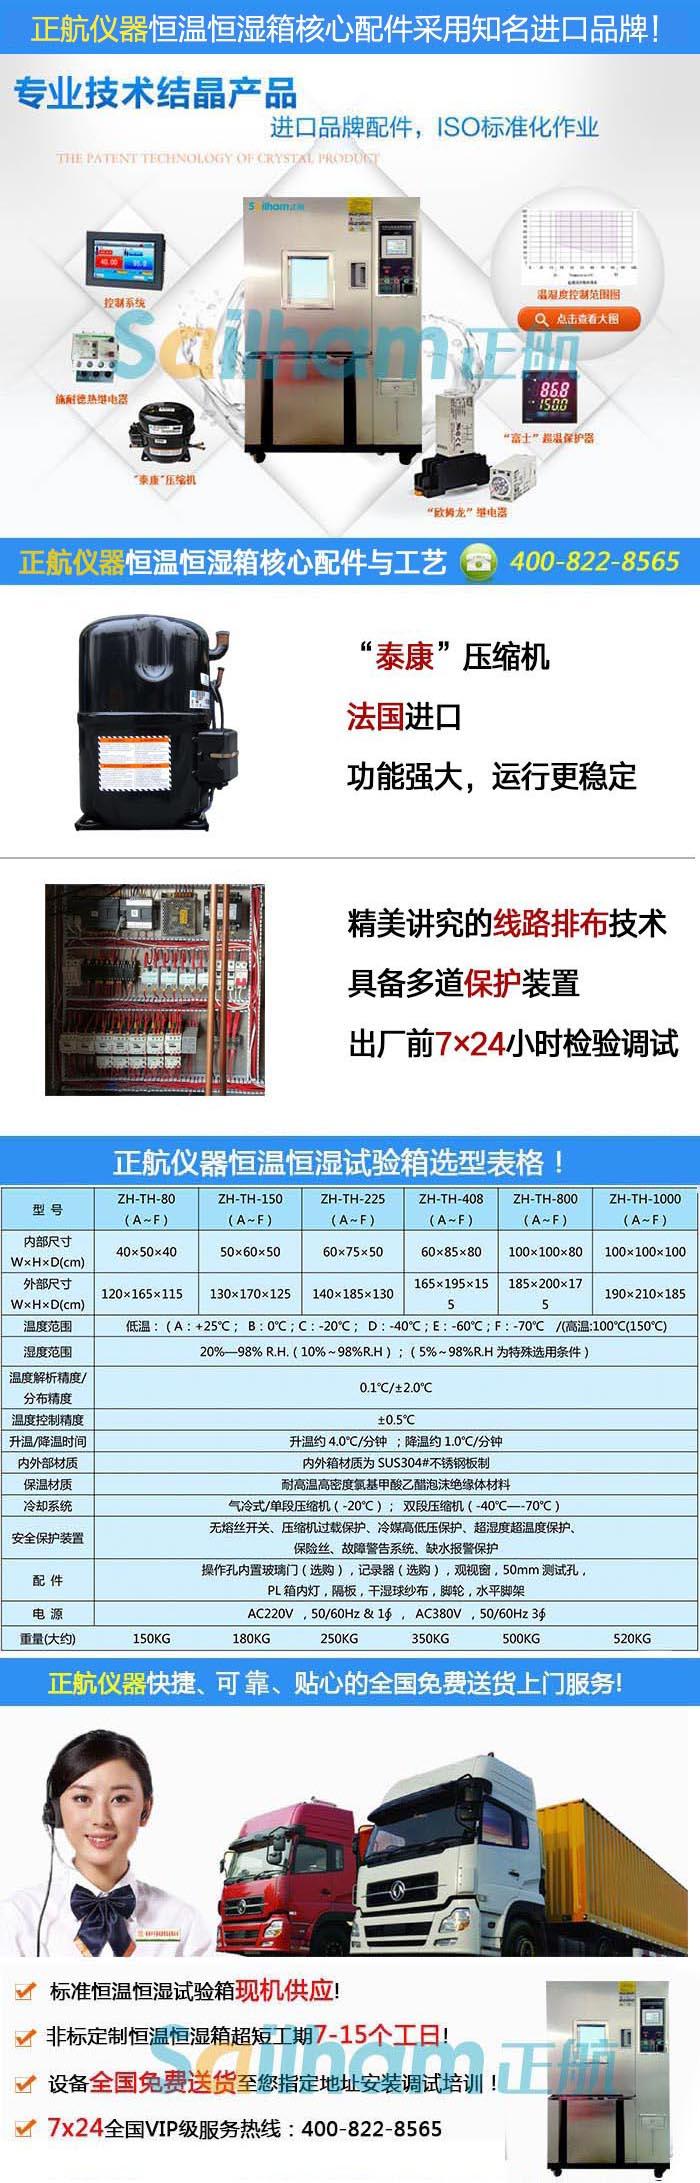 电源适配器恒温恒湿老化检测设备